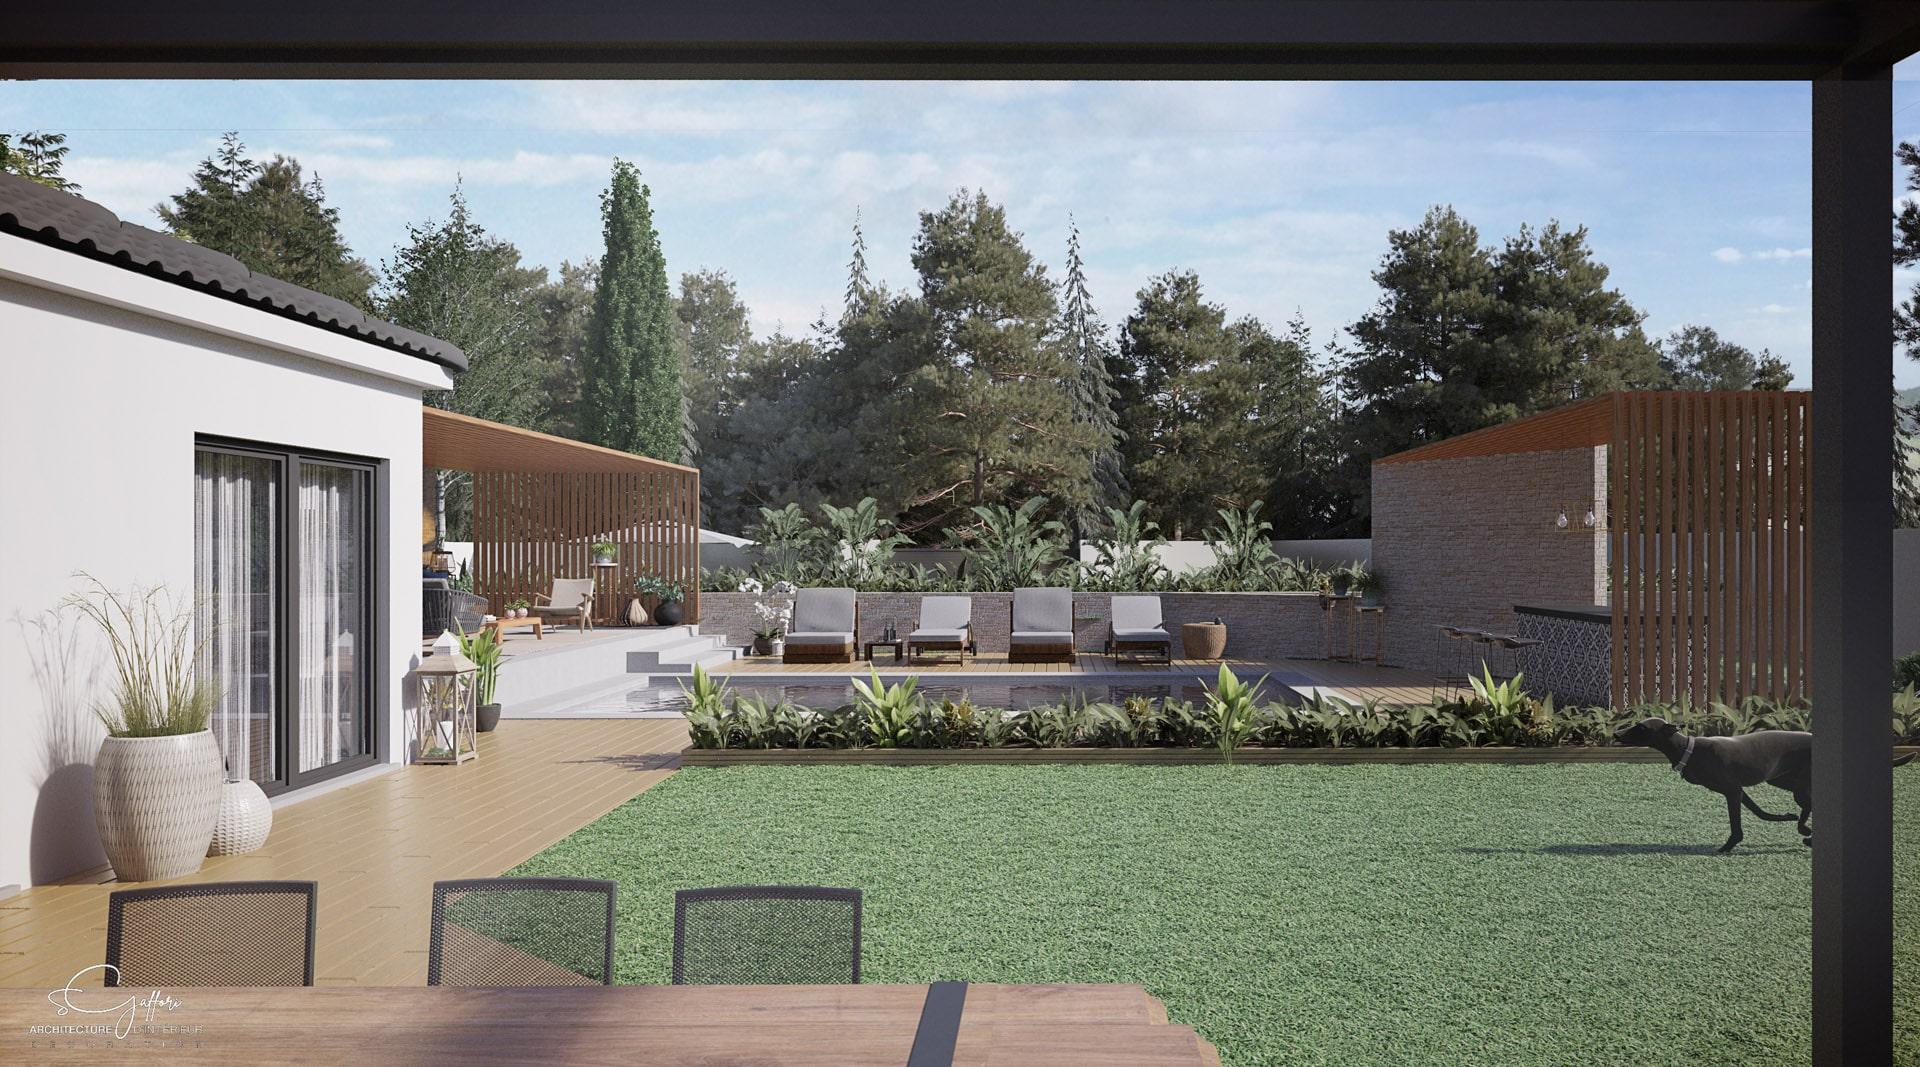 L'esprit nature, présent également dans la pièce à vivre de cette belle villa, est conservé grâce à l'espace gazon en central. Le bois et son chemin d'accès le long des chambres créent du lien entre les espaces. Les bains de soleil lient l'espace salon à l'espace bar.